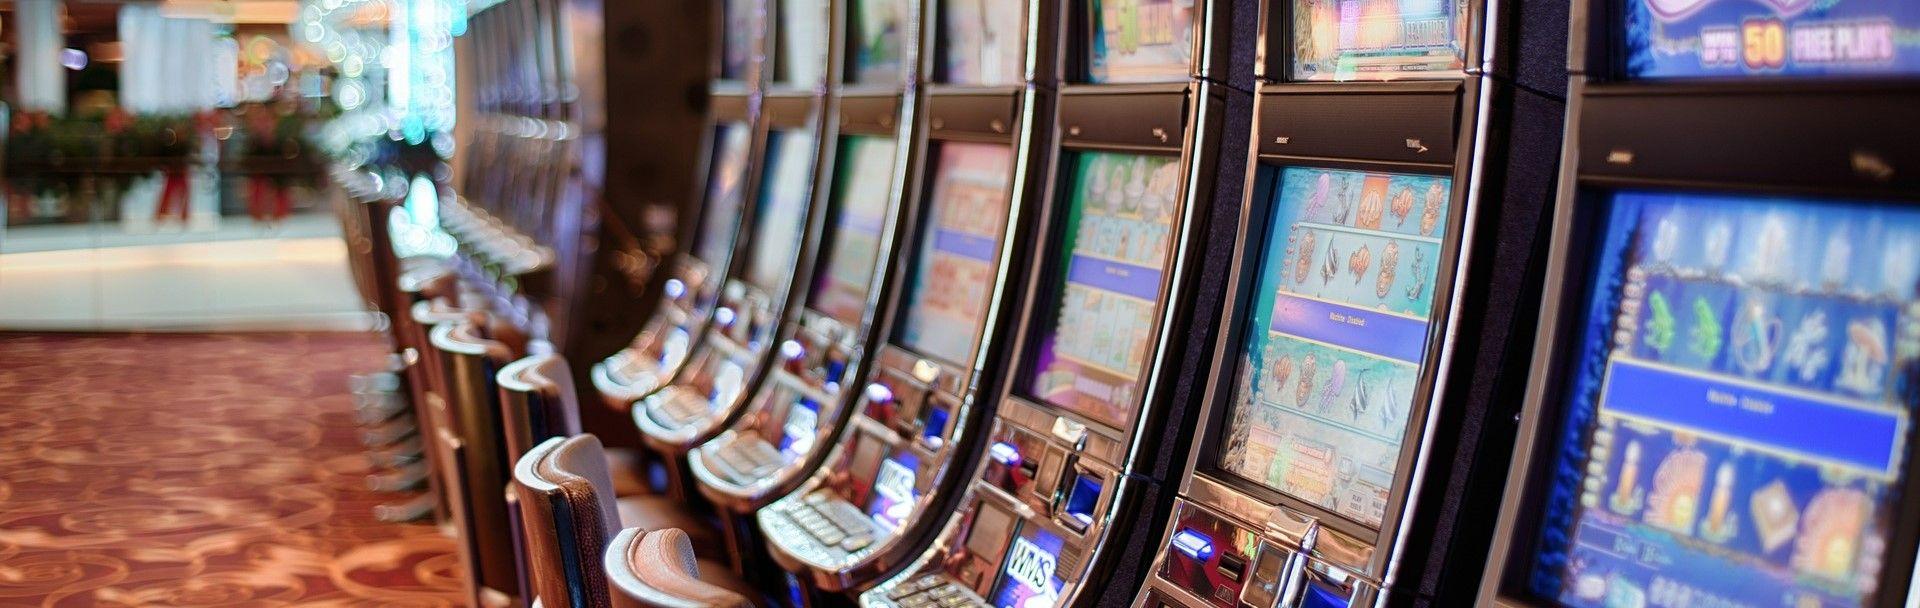 Casino St. Moritz Test